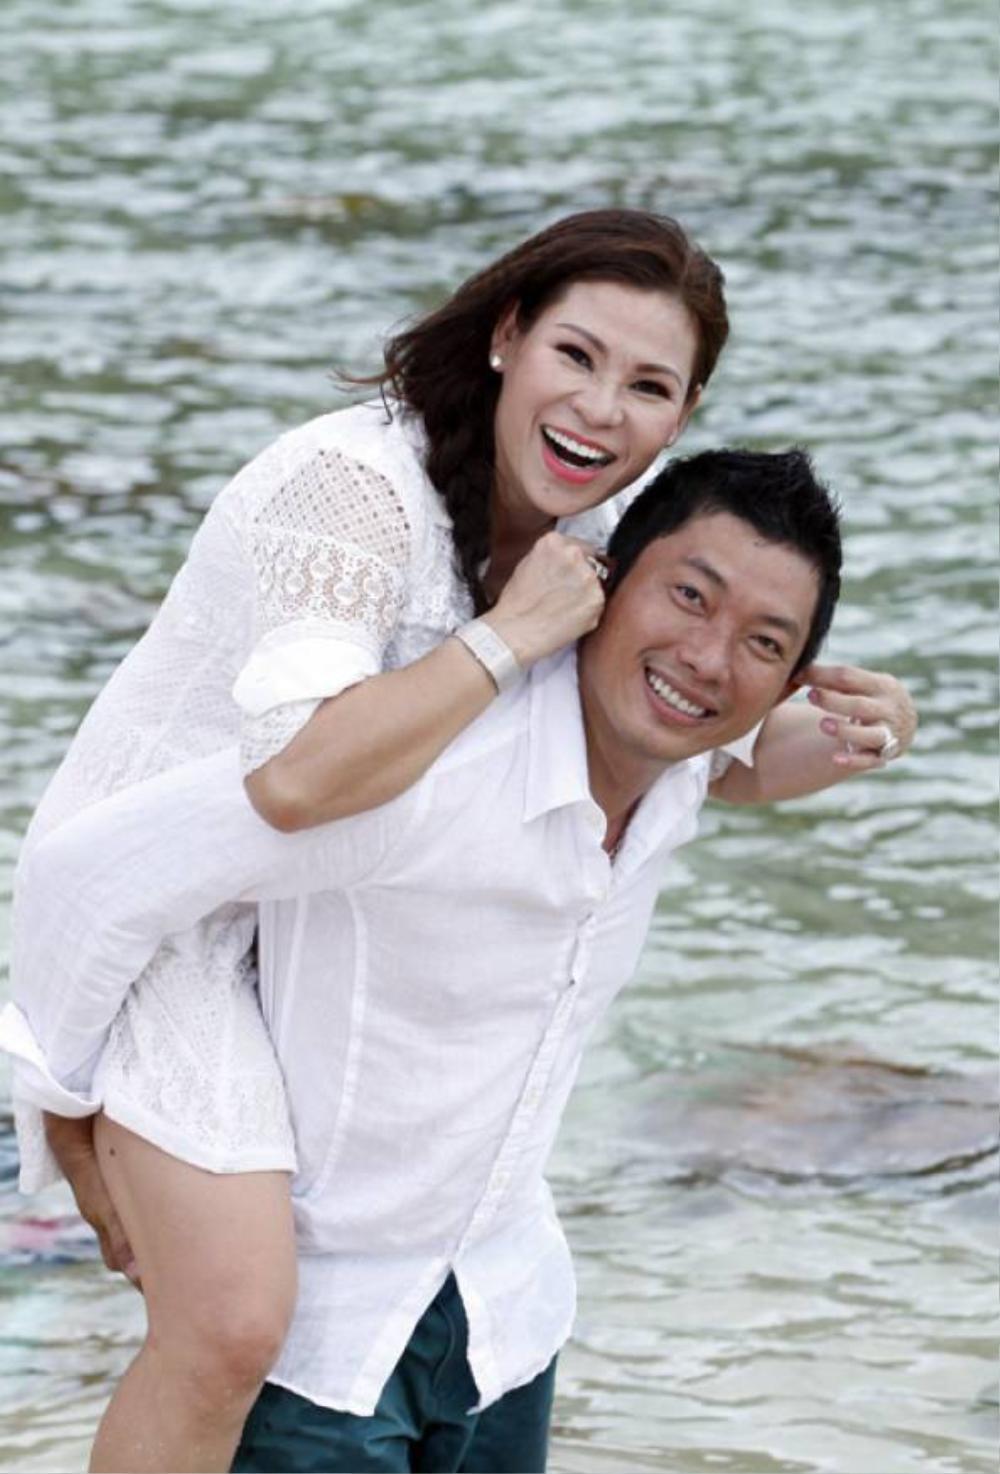 Quách Ngọc Ngoan, Quý Bình sống hạnh phúc, nhà cao cửa rộng sau khi lấy vợ đại gia hơn tuổi Ảnh 16